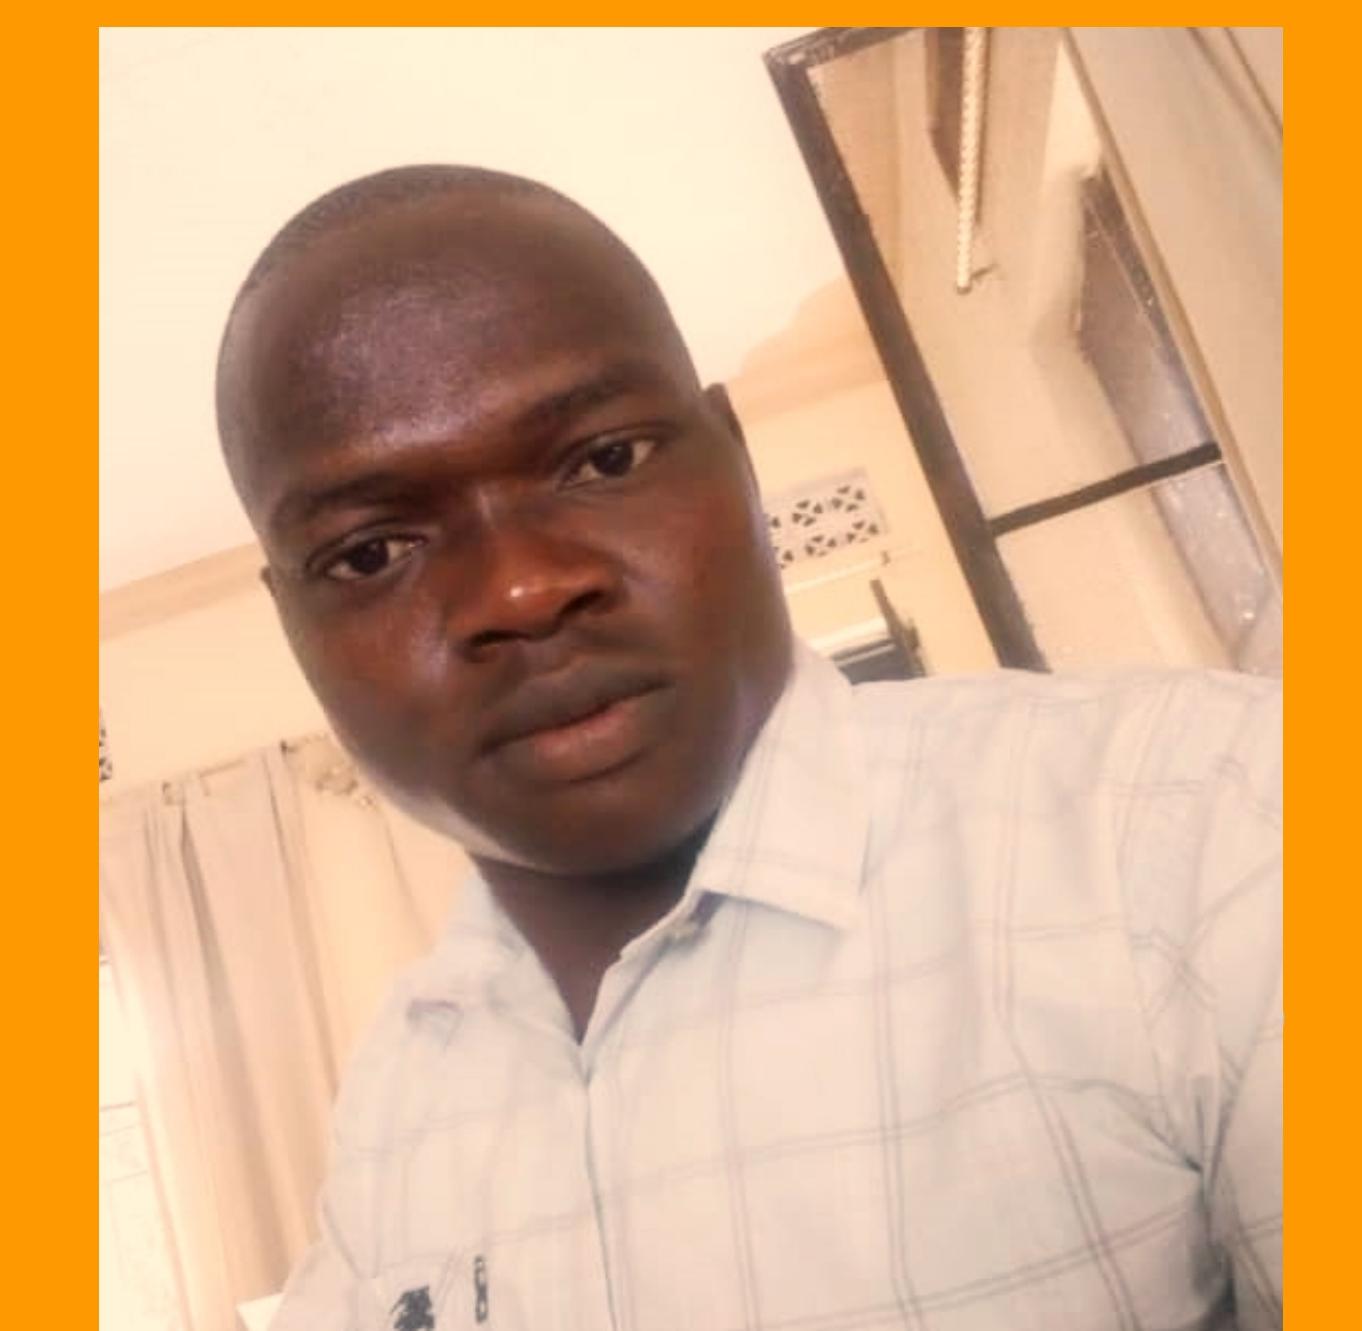 Mr. Edward Ugo